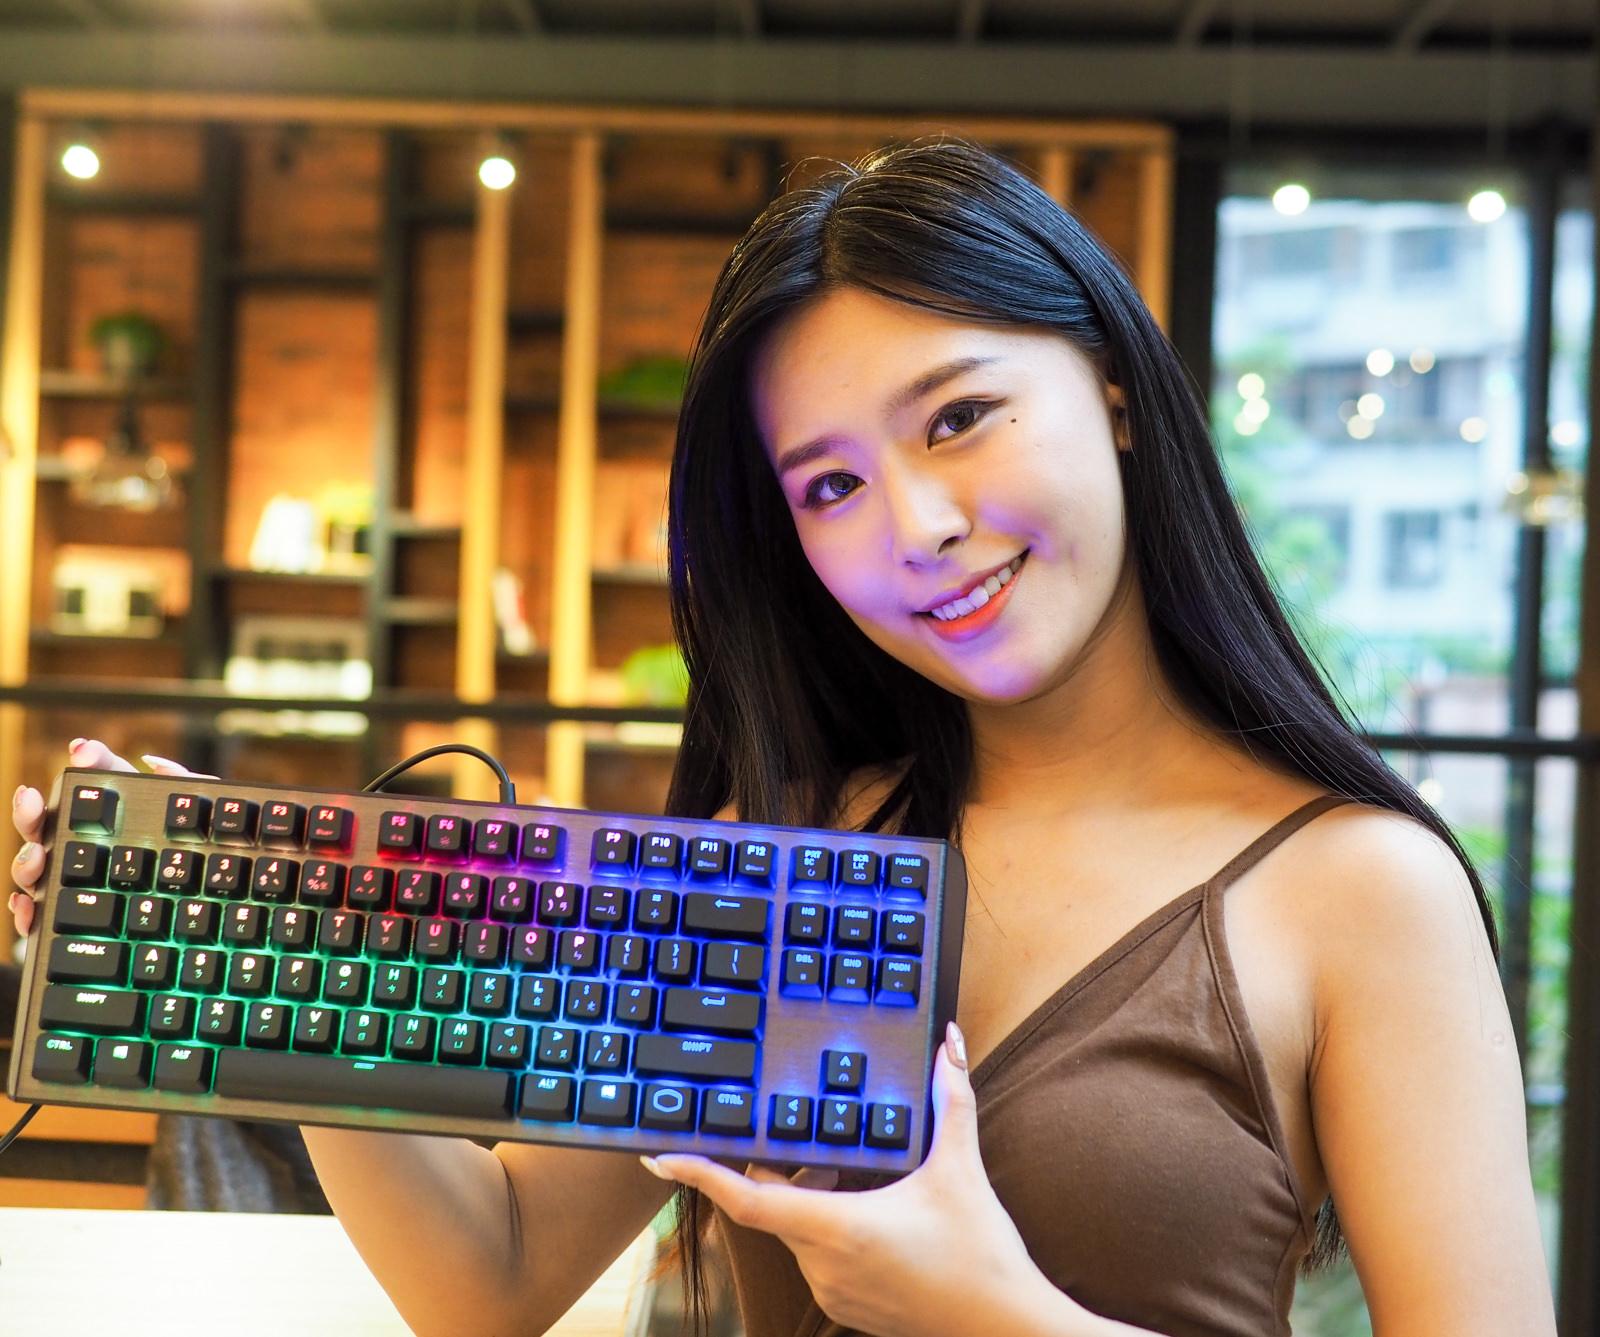 【高CP值機械式鍵盤】Cooler Master CK530機械式RGB燈光鍵盤 短小精幹!